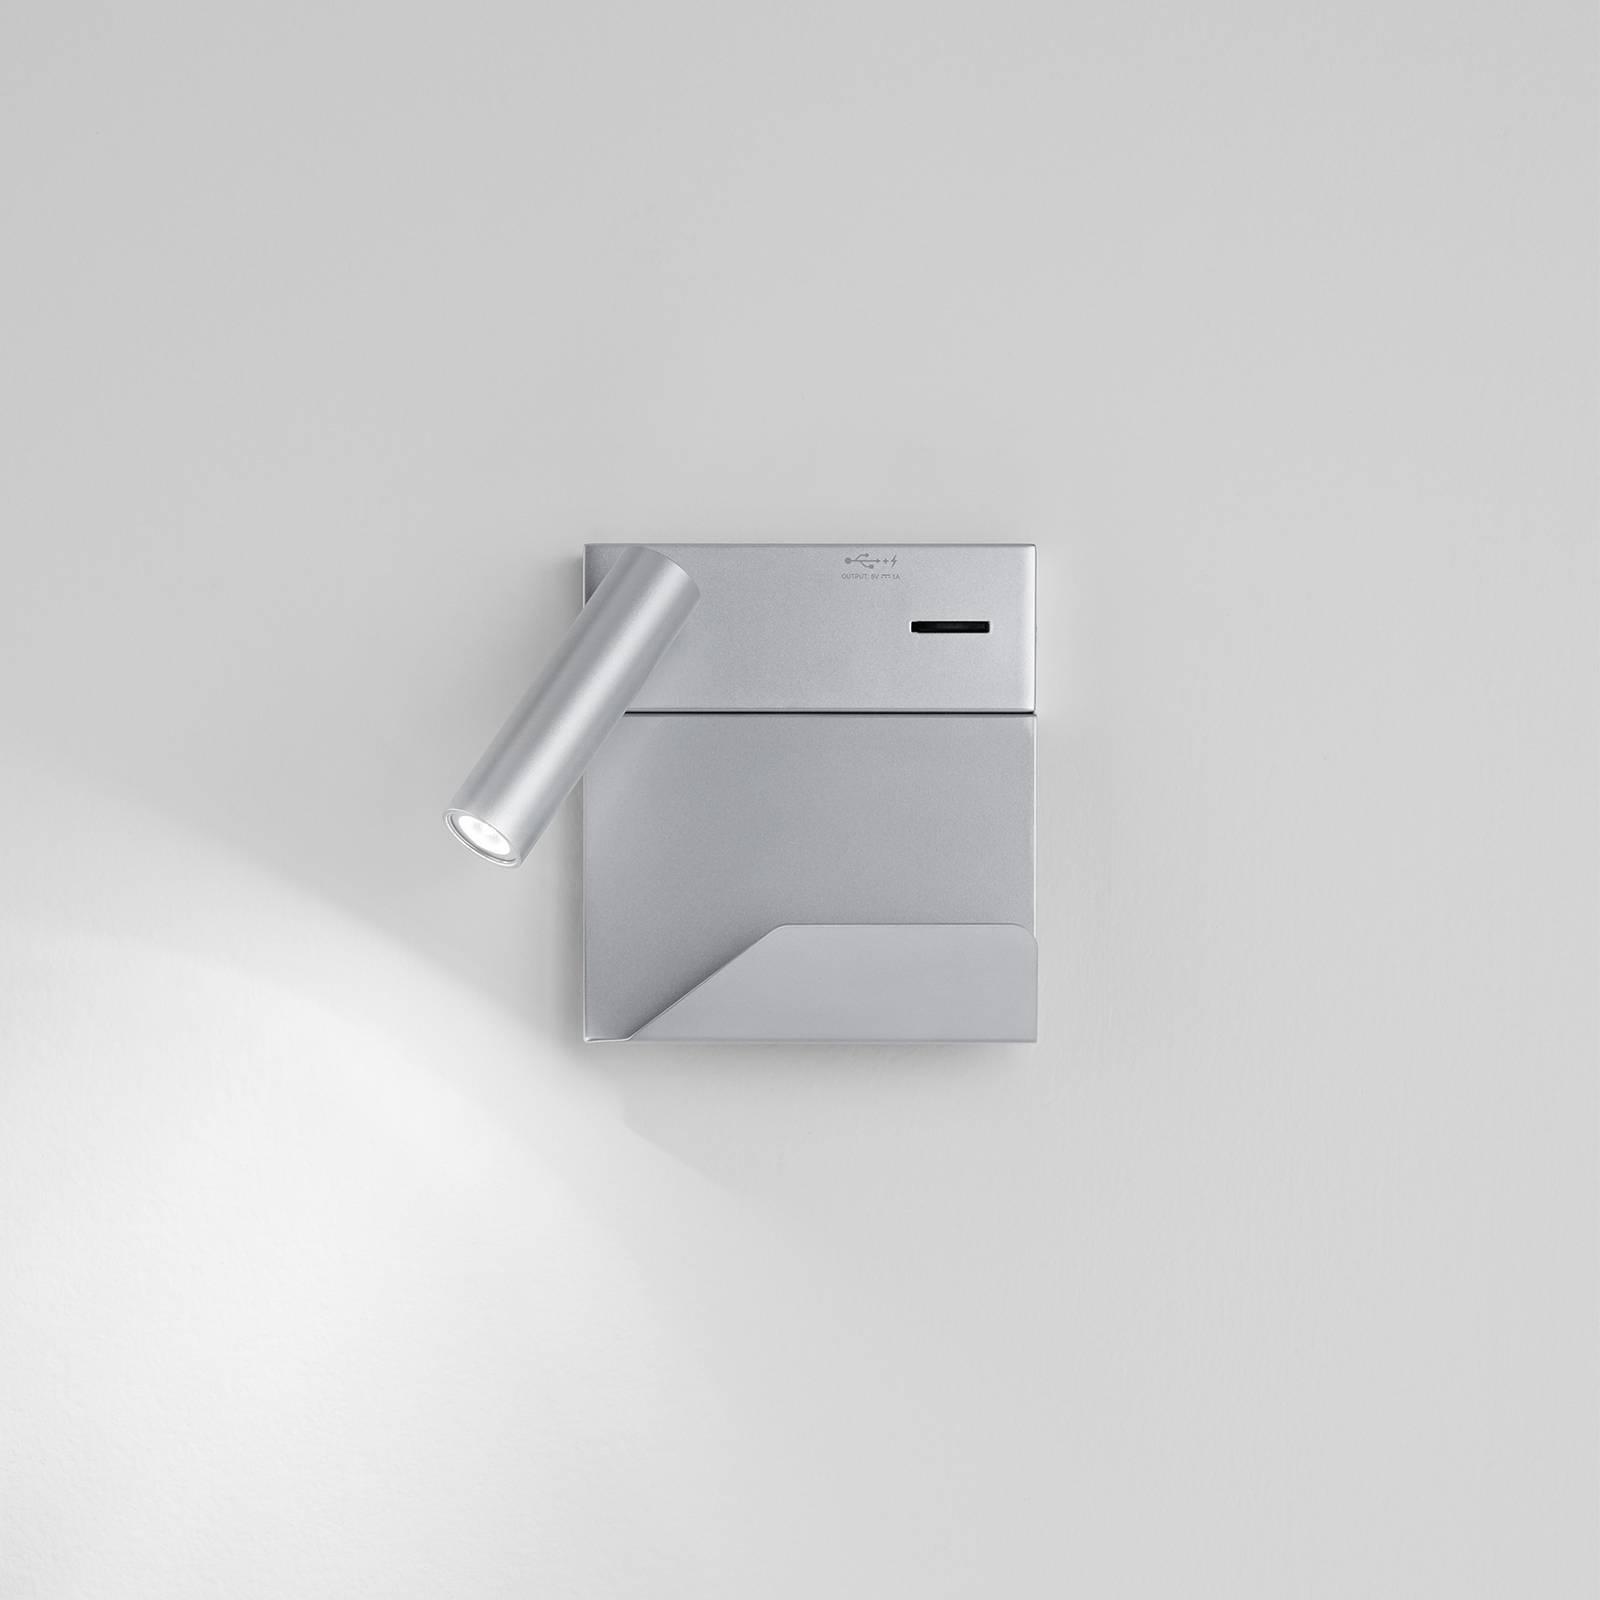 Egger Rona LED-Wandleuchte mit USB-Port und Ablage